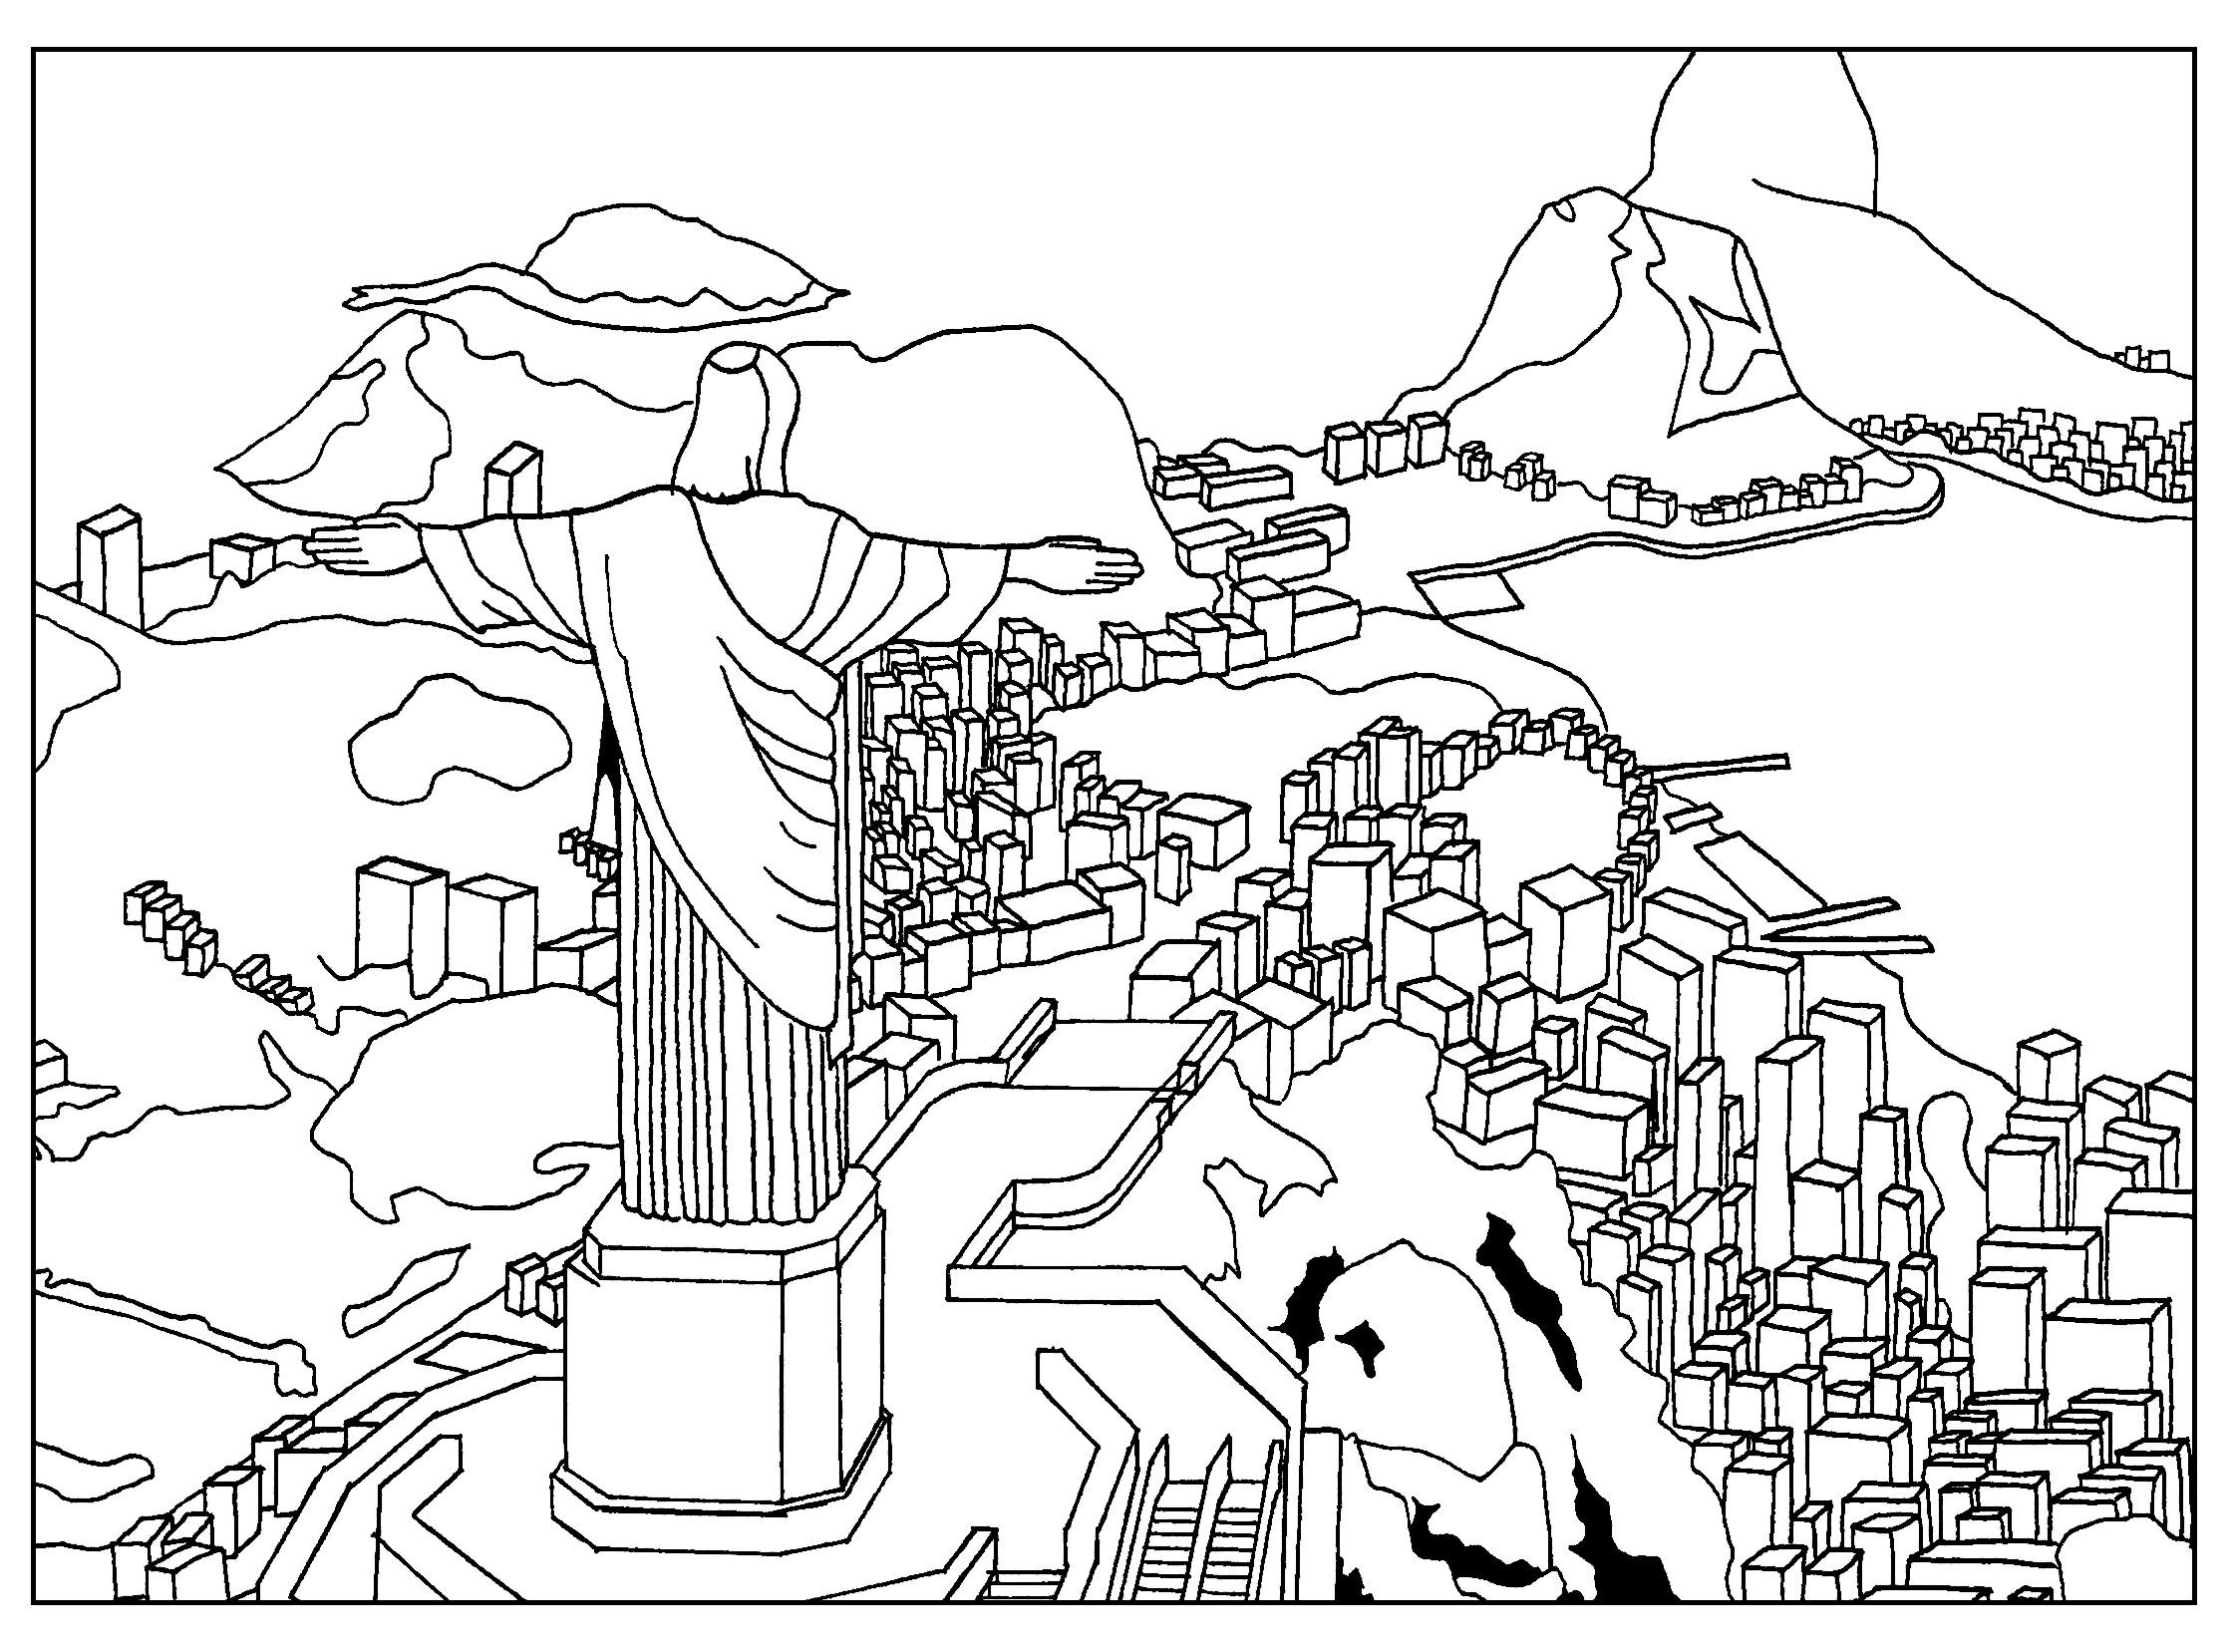 Colorear para adultos : Architecture & home - 39